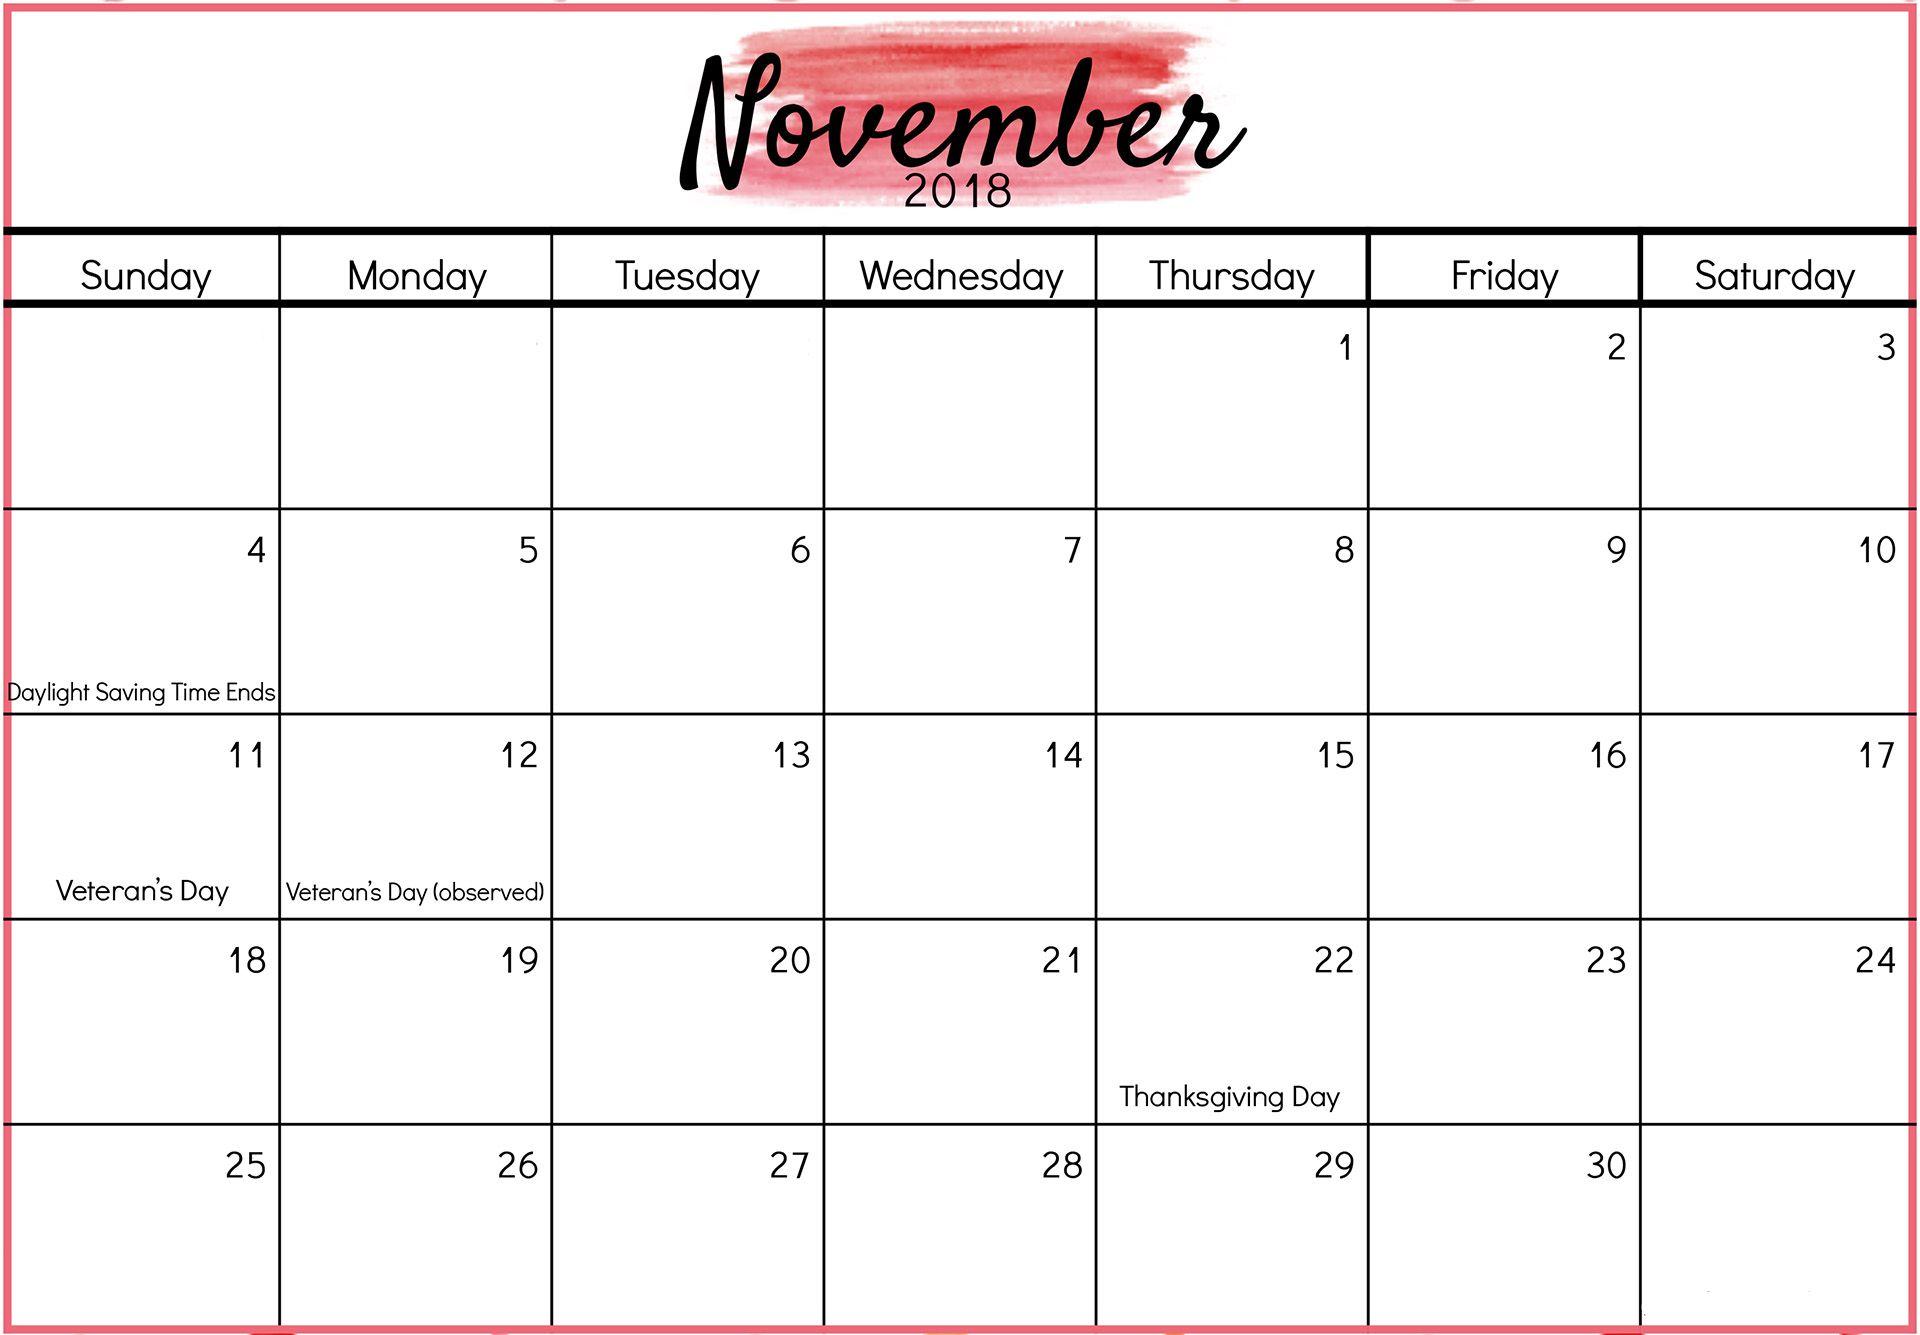 November Calendar 2018 Printable #calendar #november